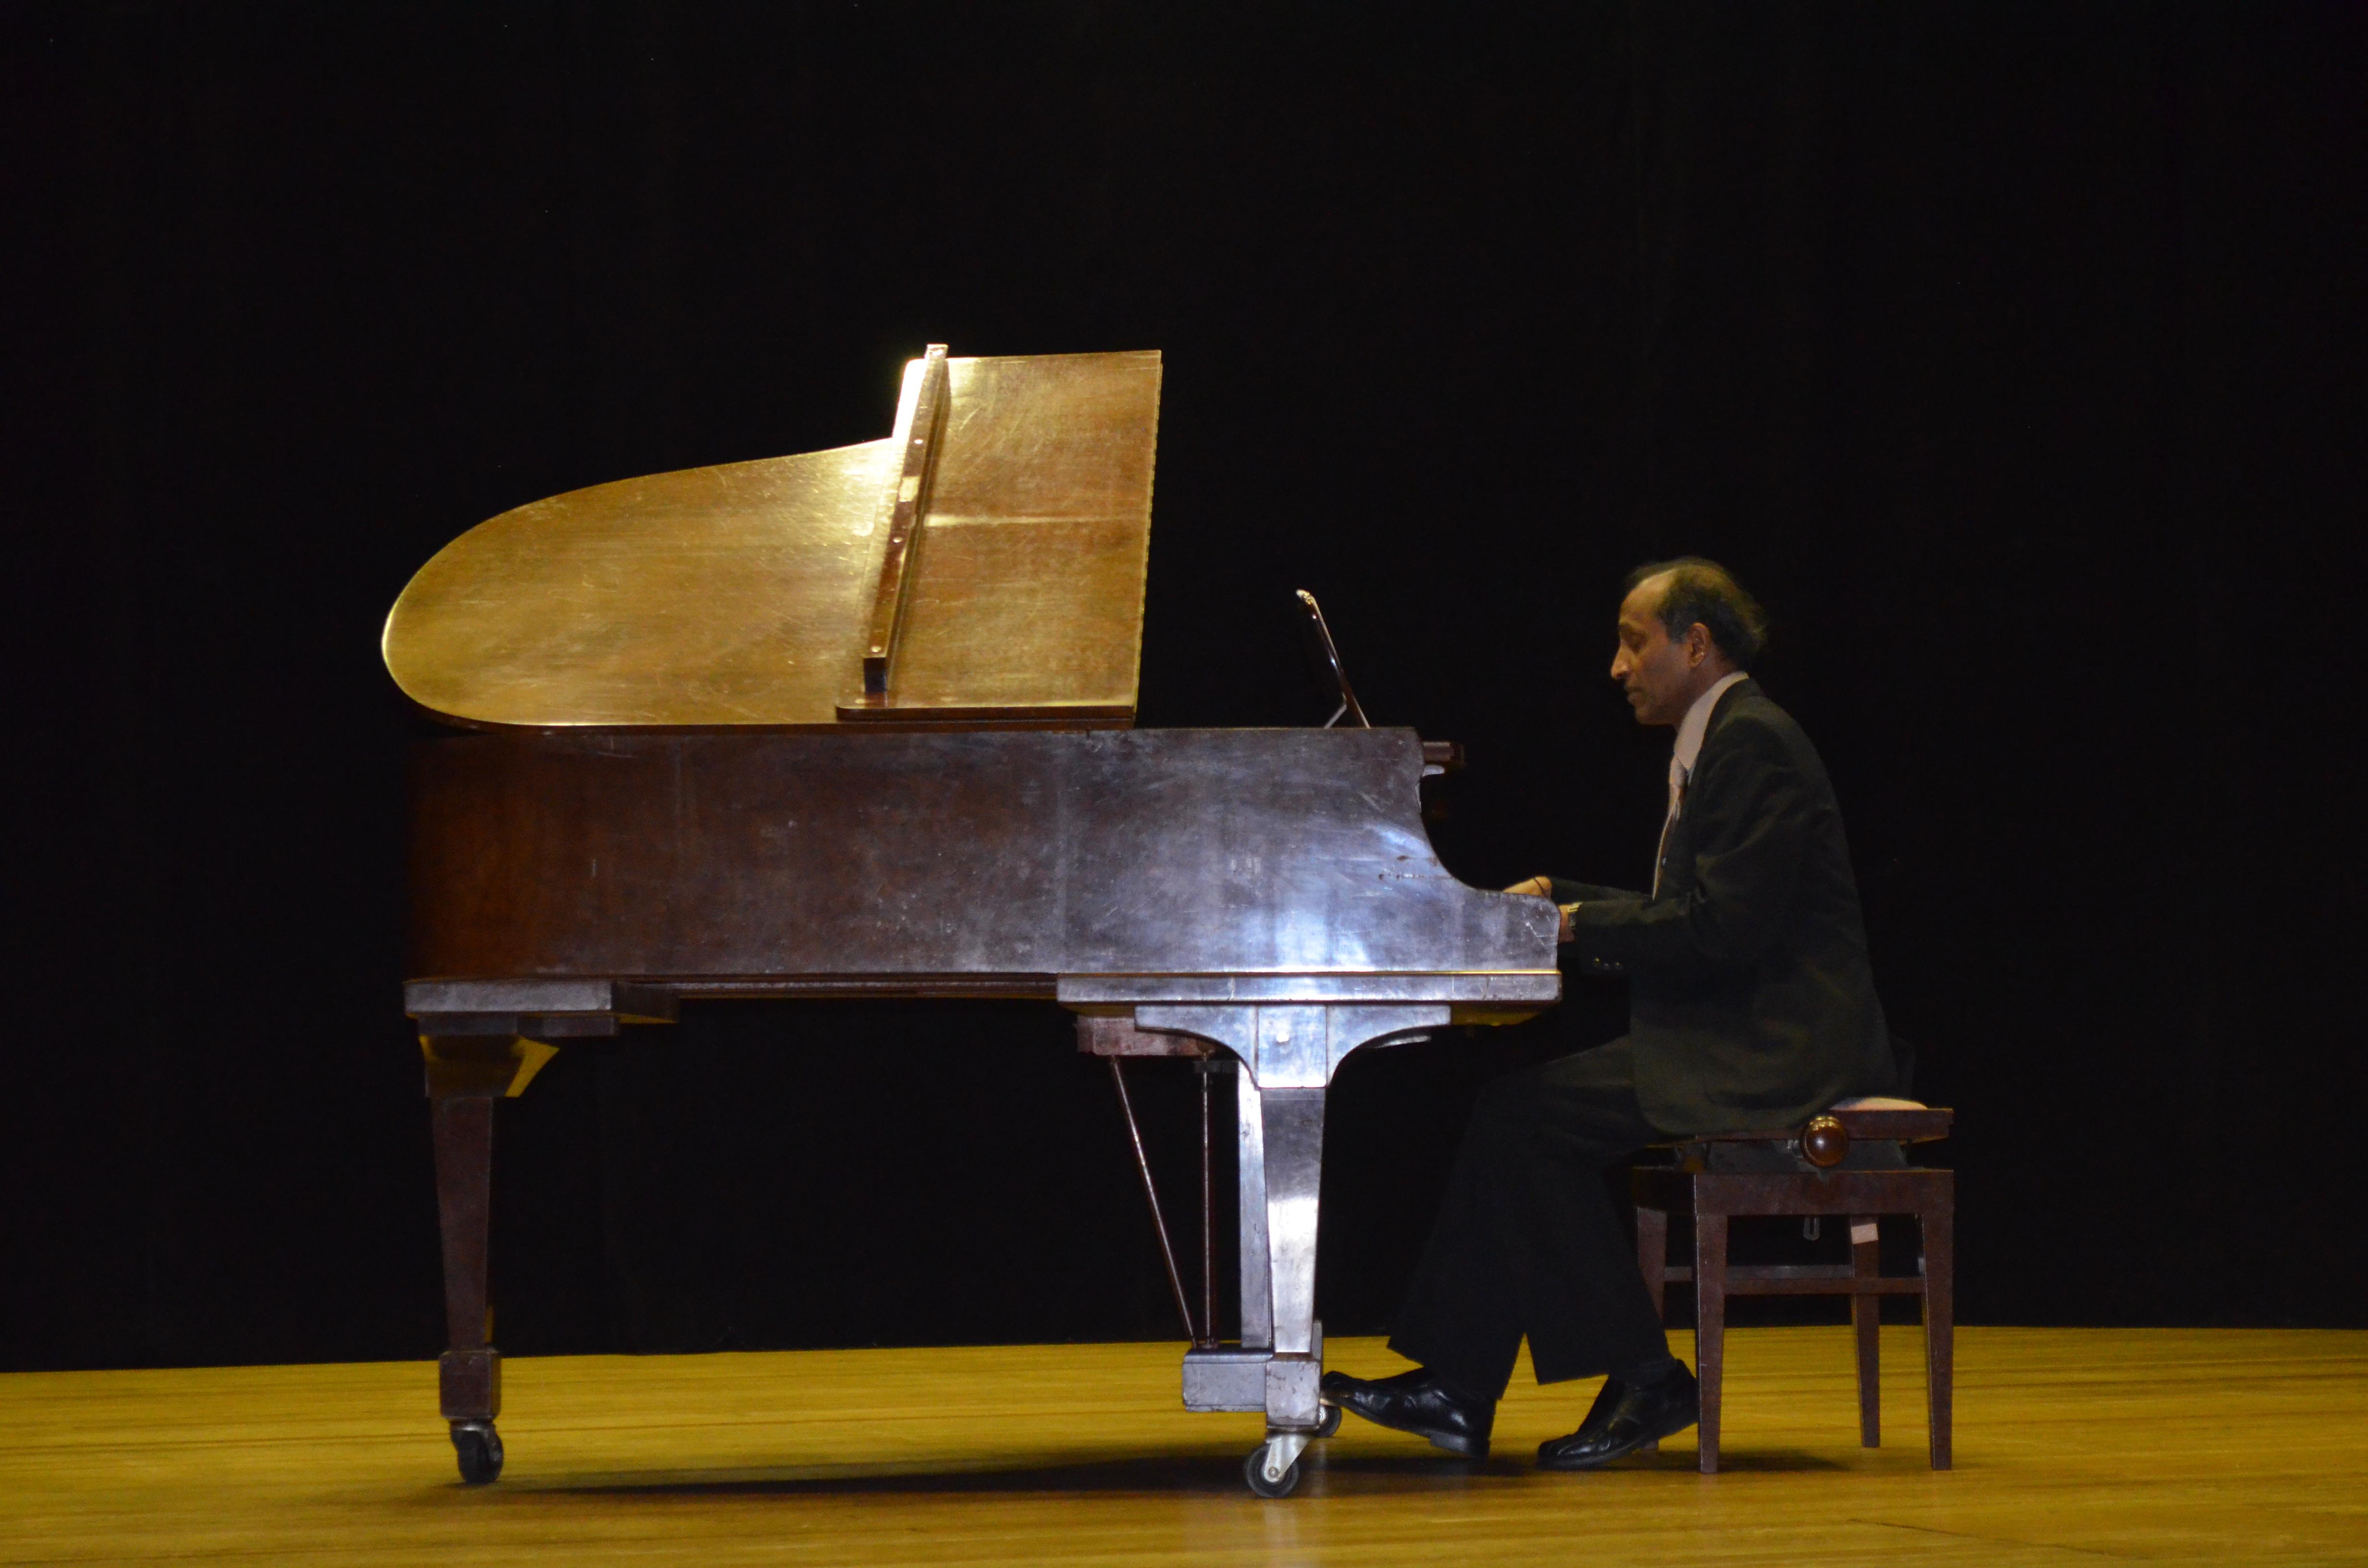 Concerto com o pianista Alexander Jacob - 05.02.2015Concerto com o pianista Alexander Jacob - 05.02.2015